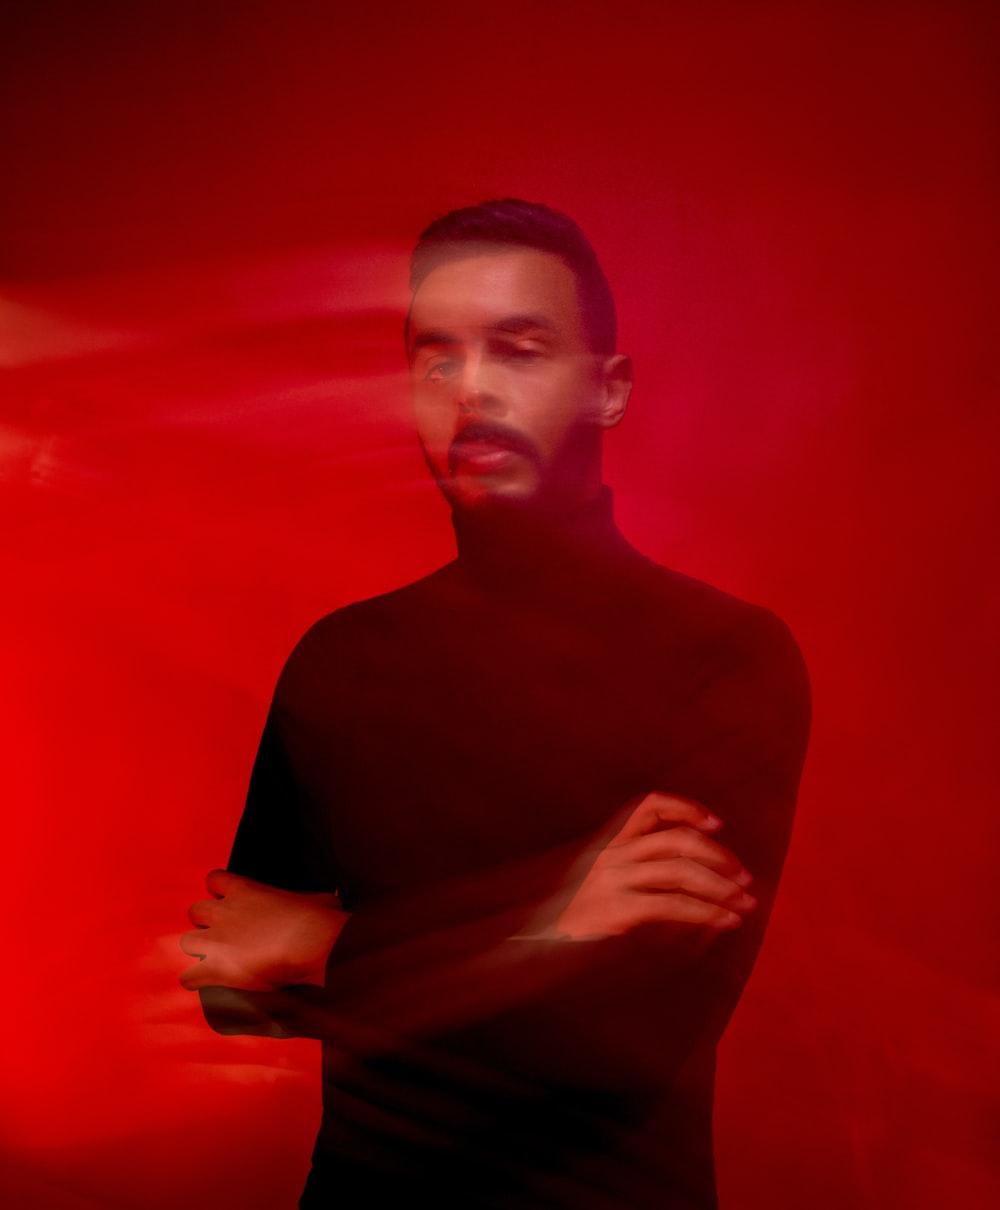 man wearing black turtleneck shirt standing